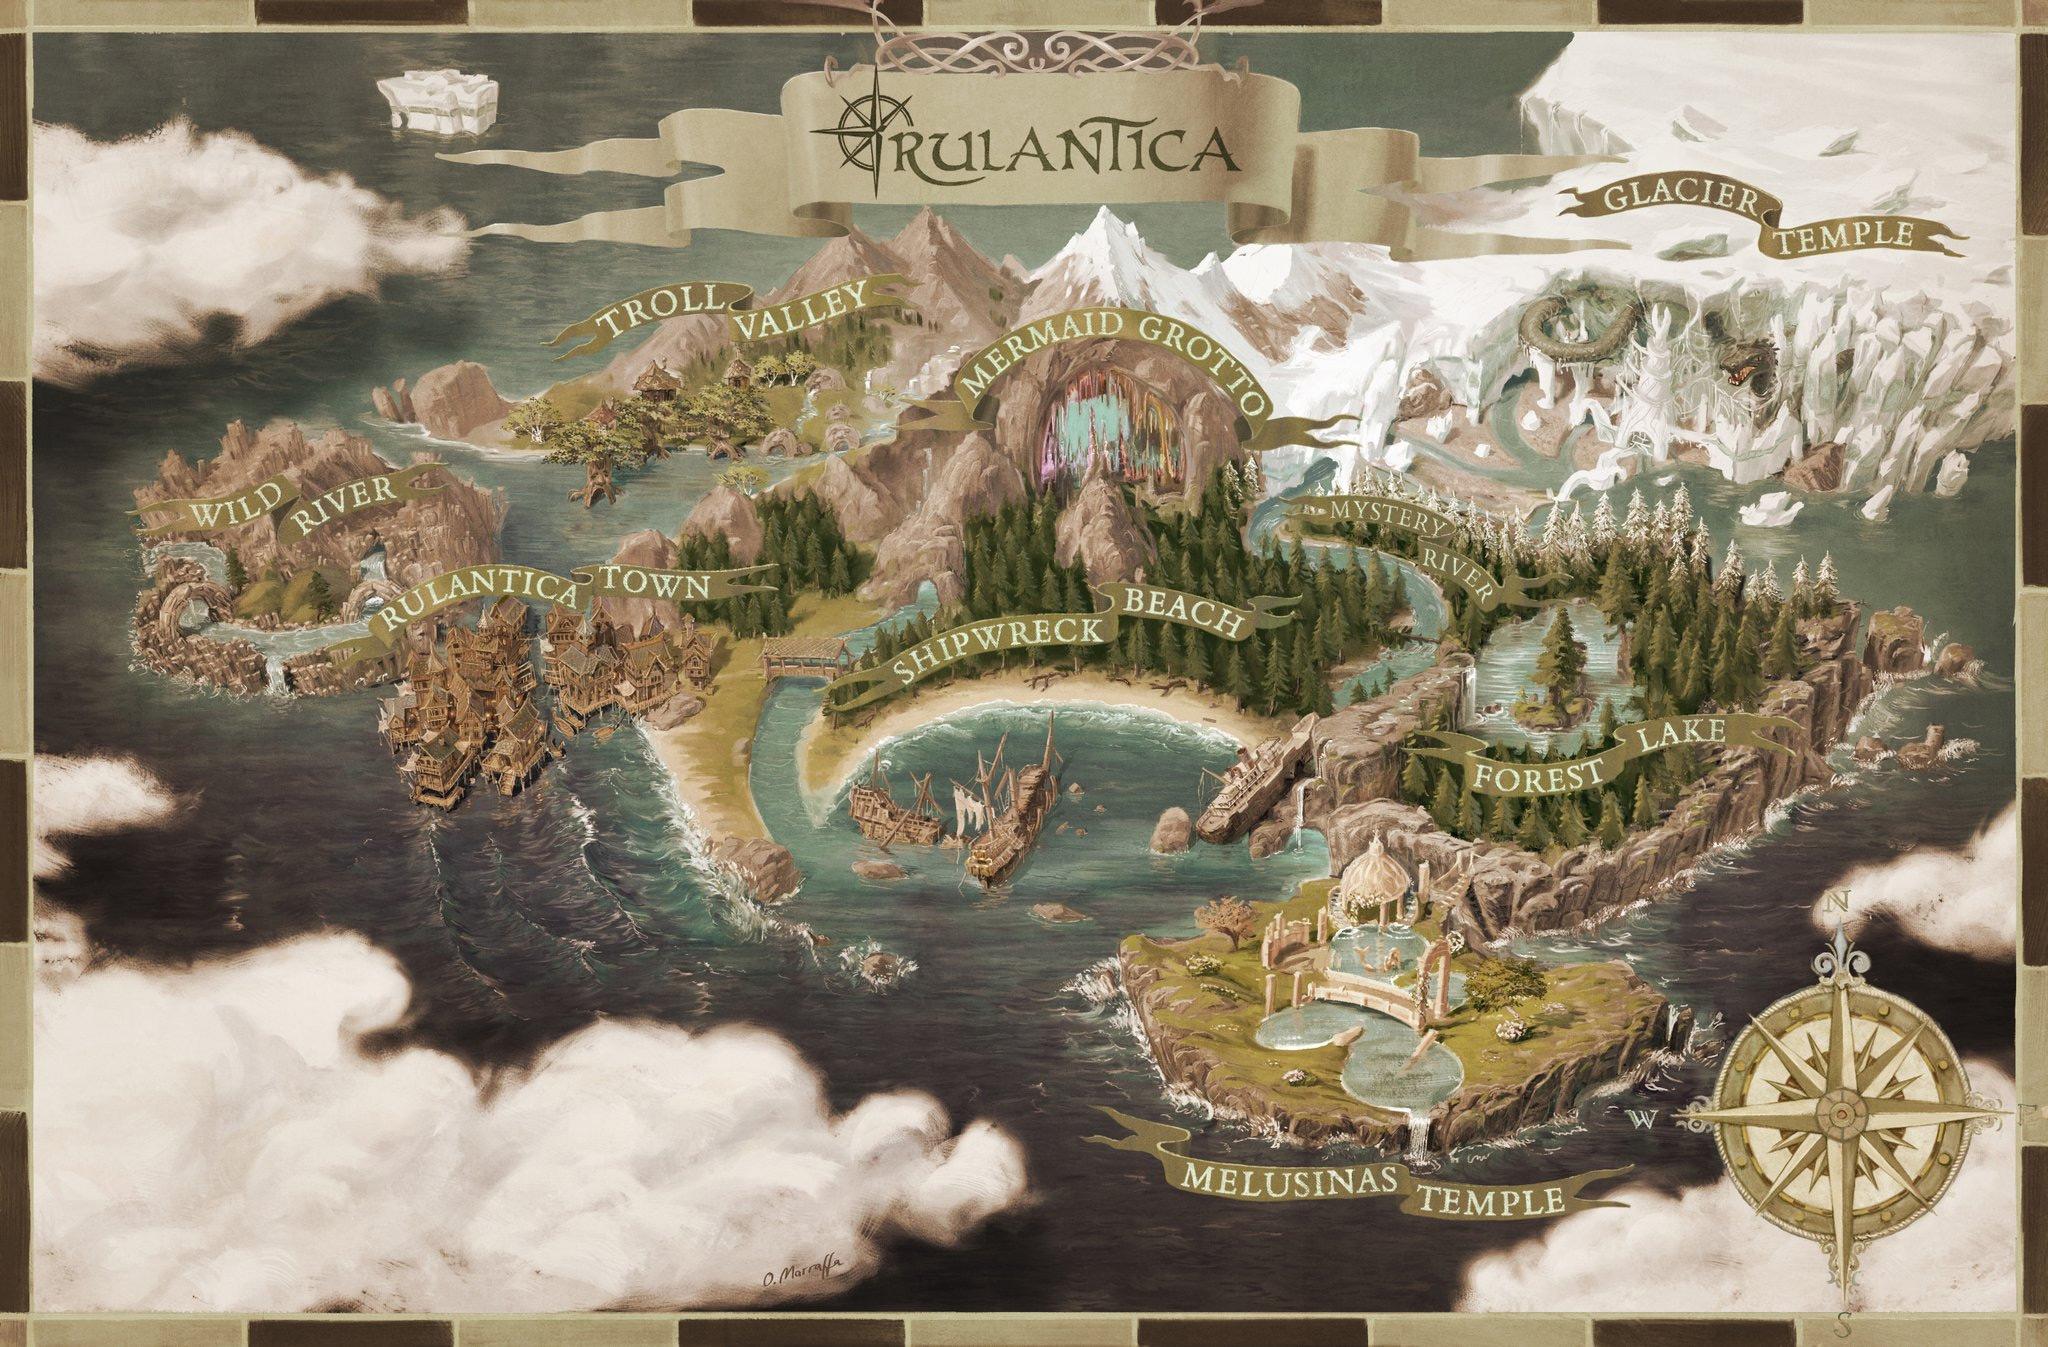 Europa Park Karte.Nouveaute 2019 Rulantica Le Parc Aquatique D Europa Park